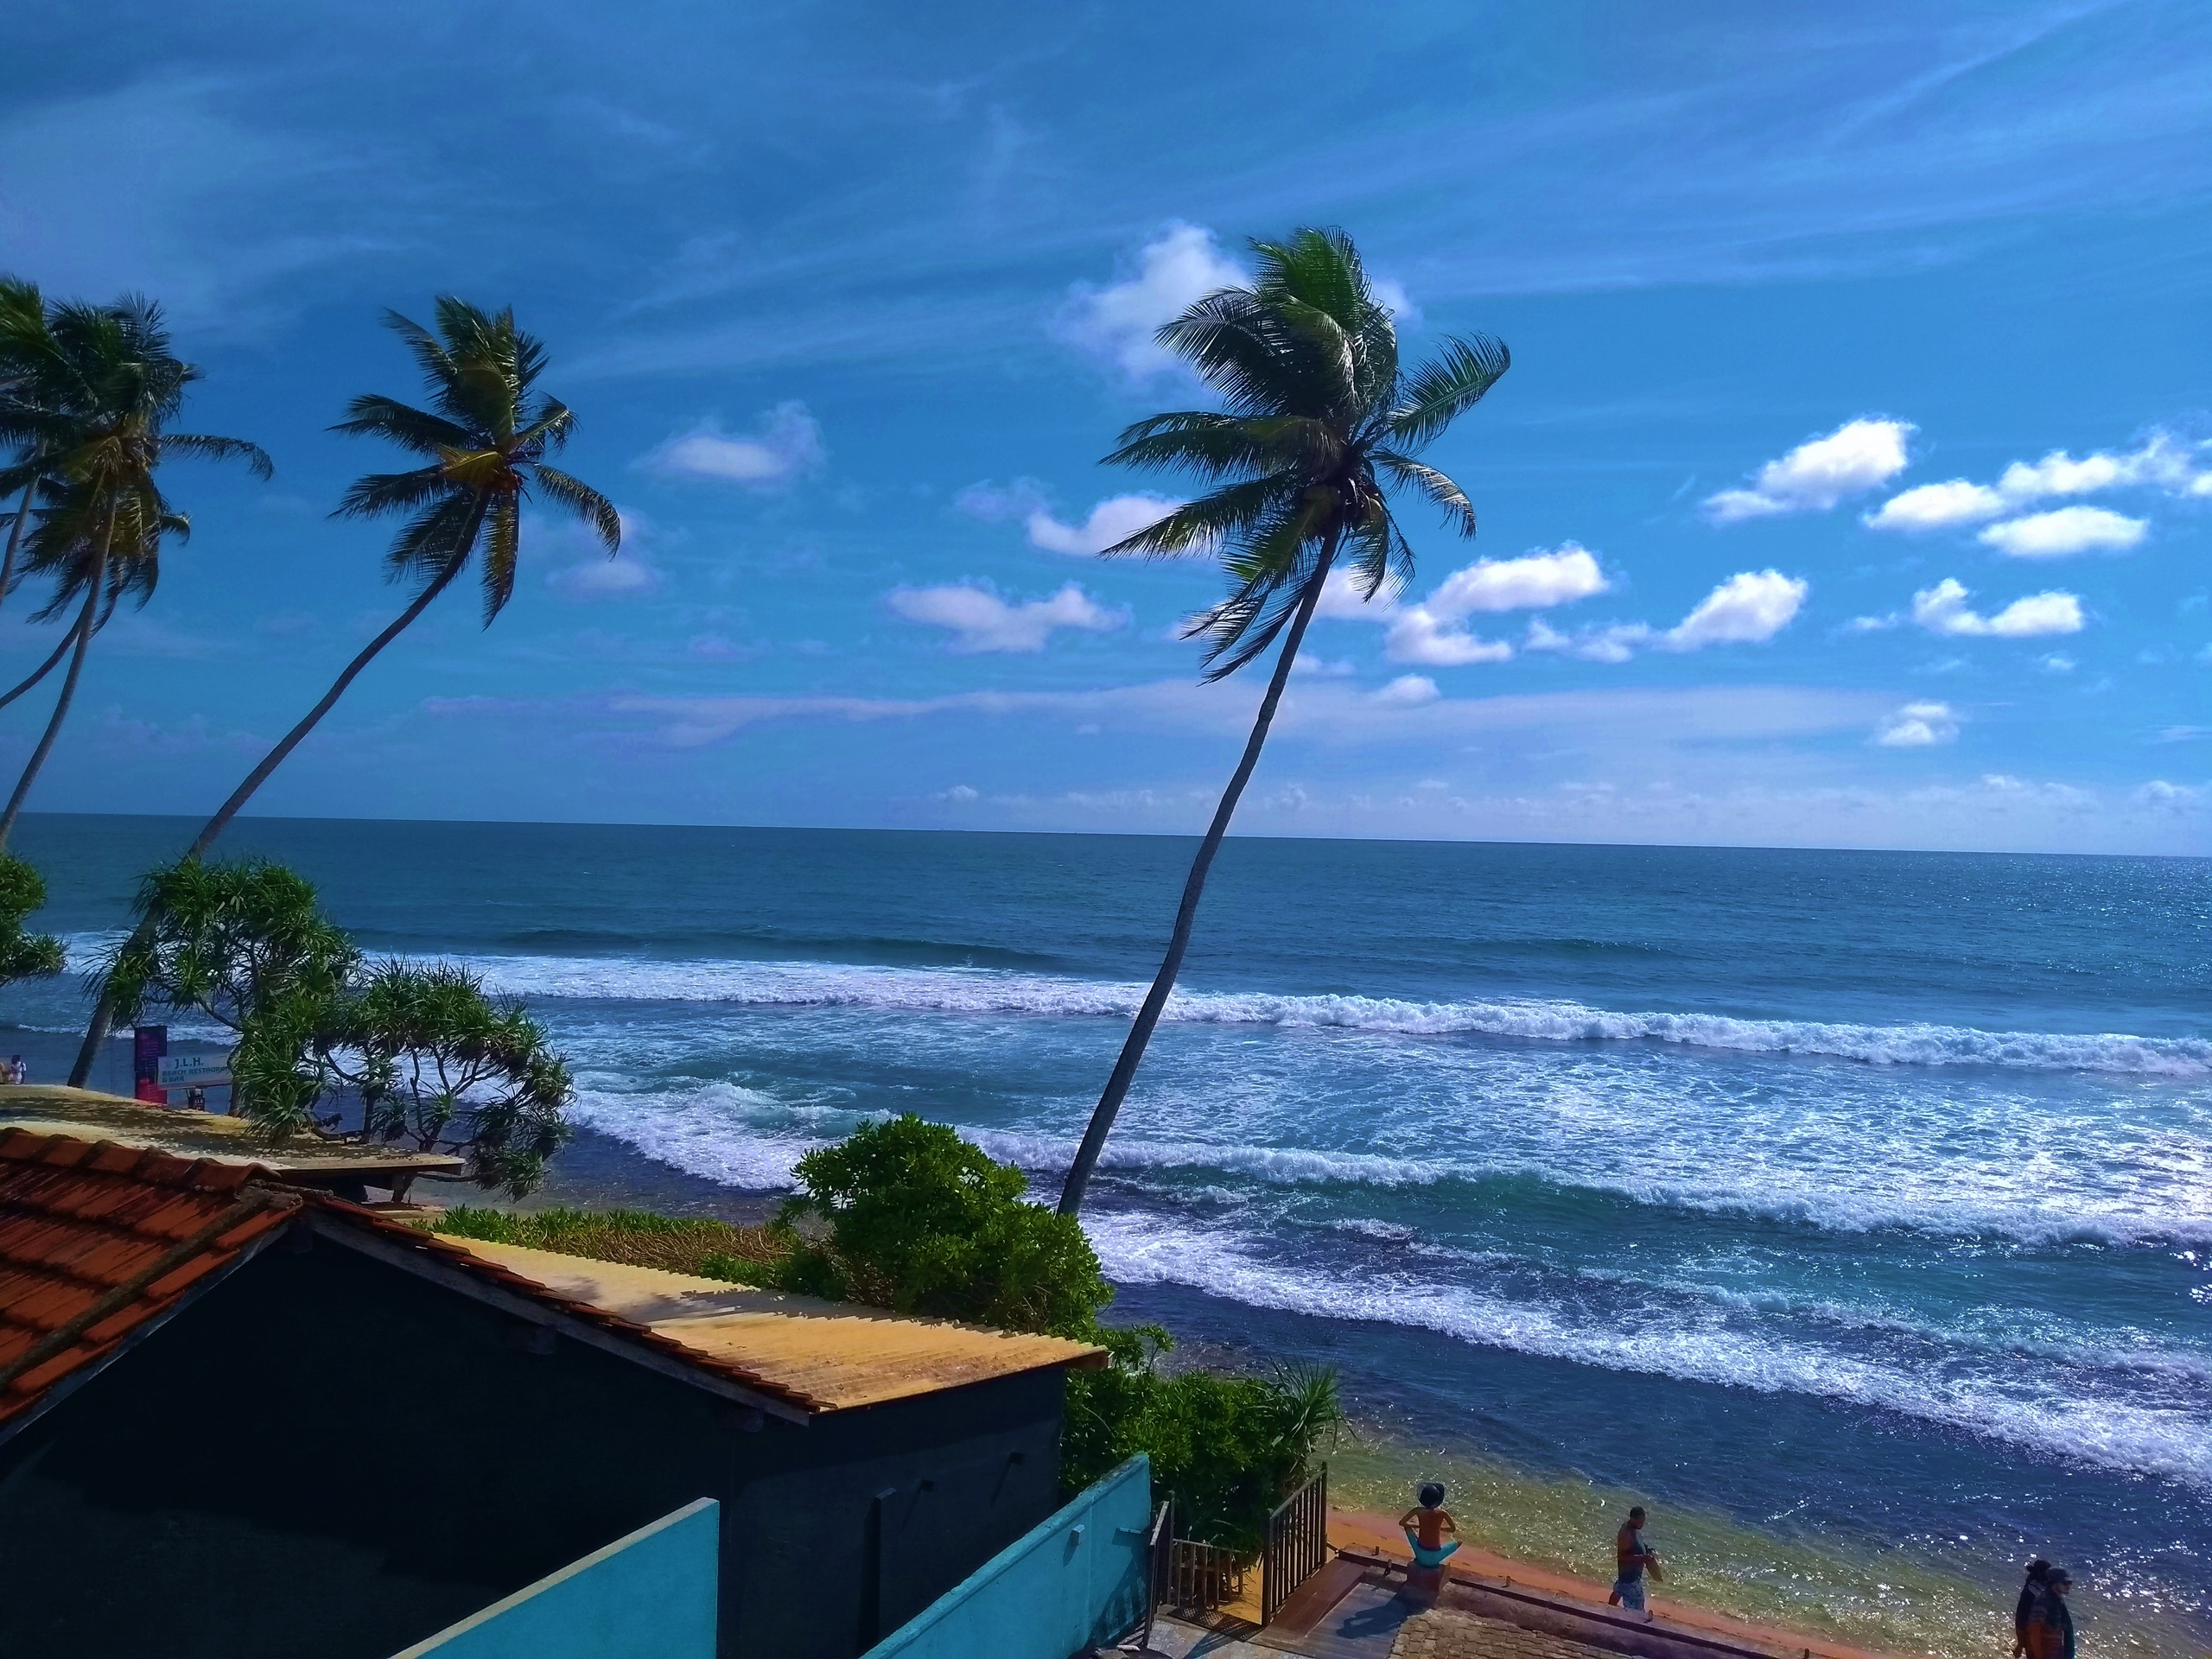 Шри Ланка (фото) - Страница 10 70gvkqCoYtc